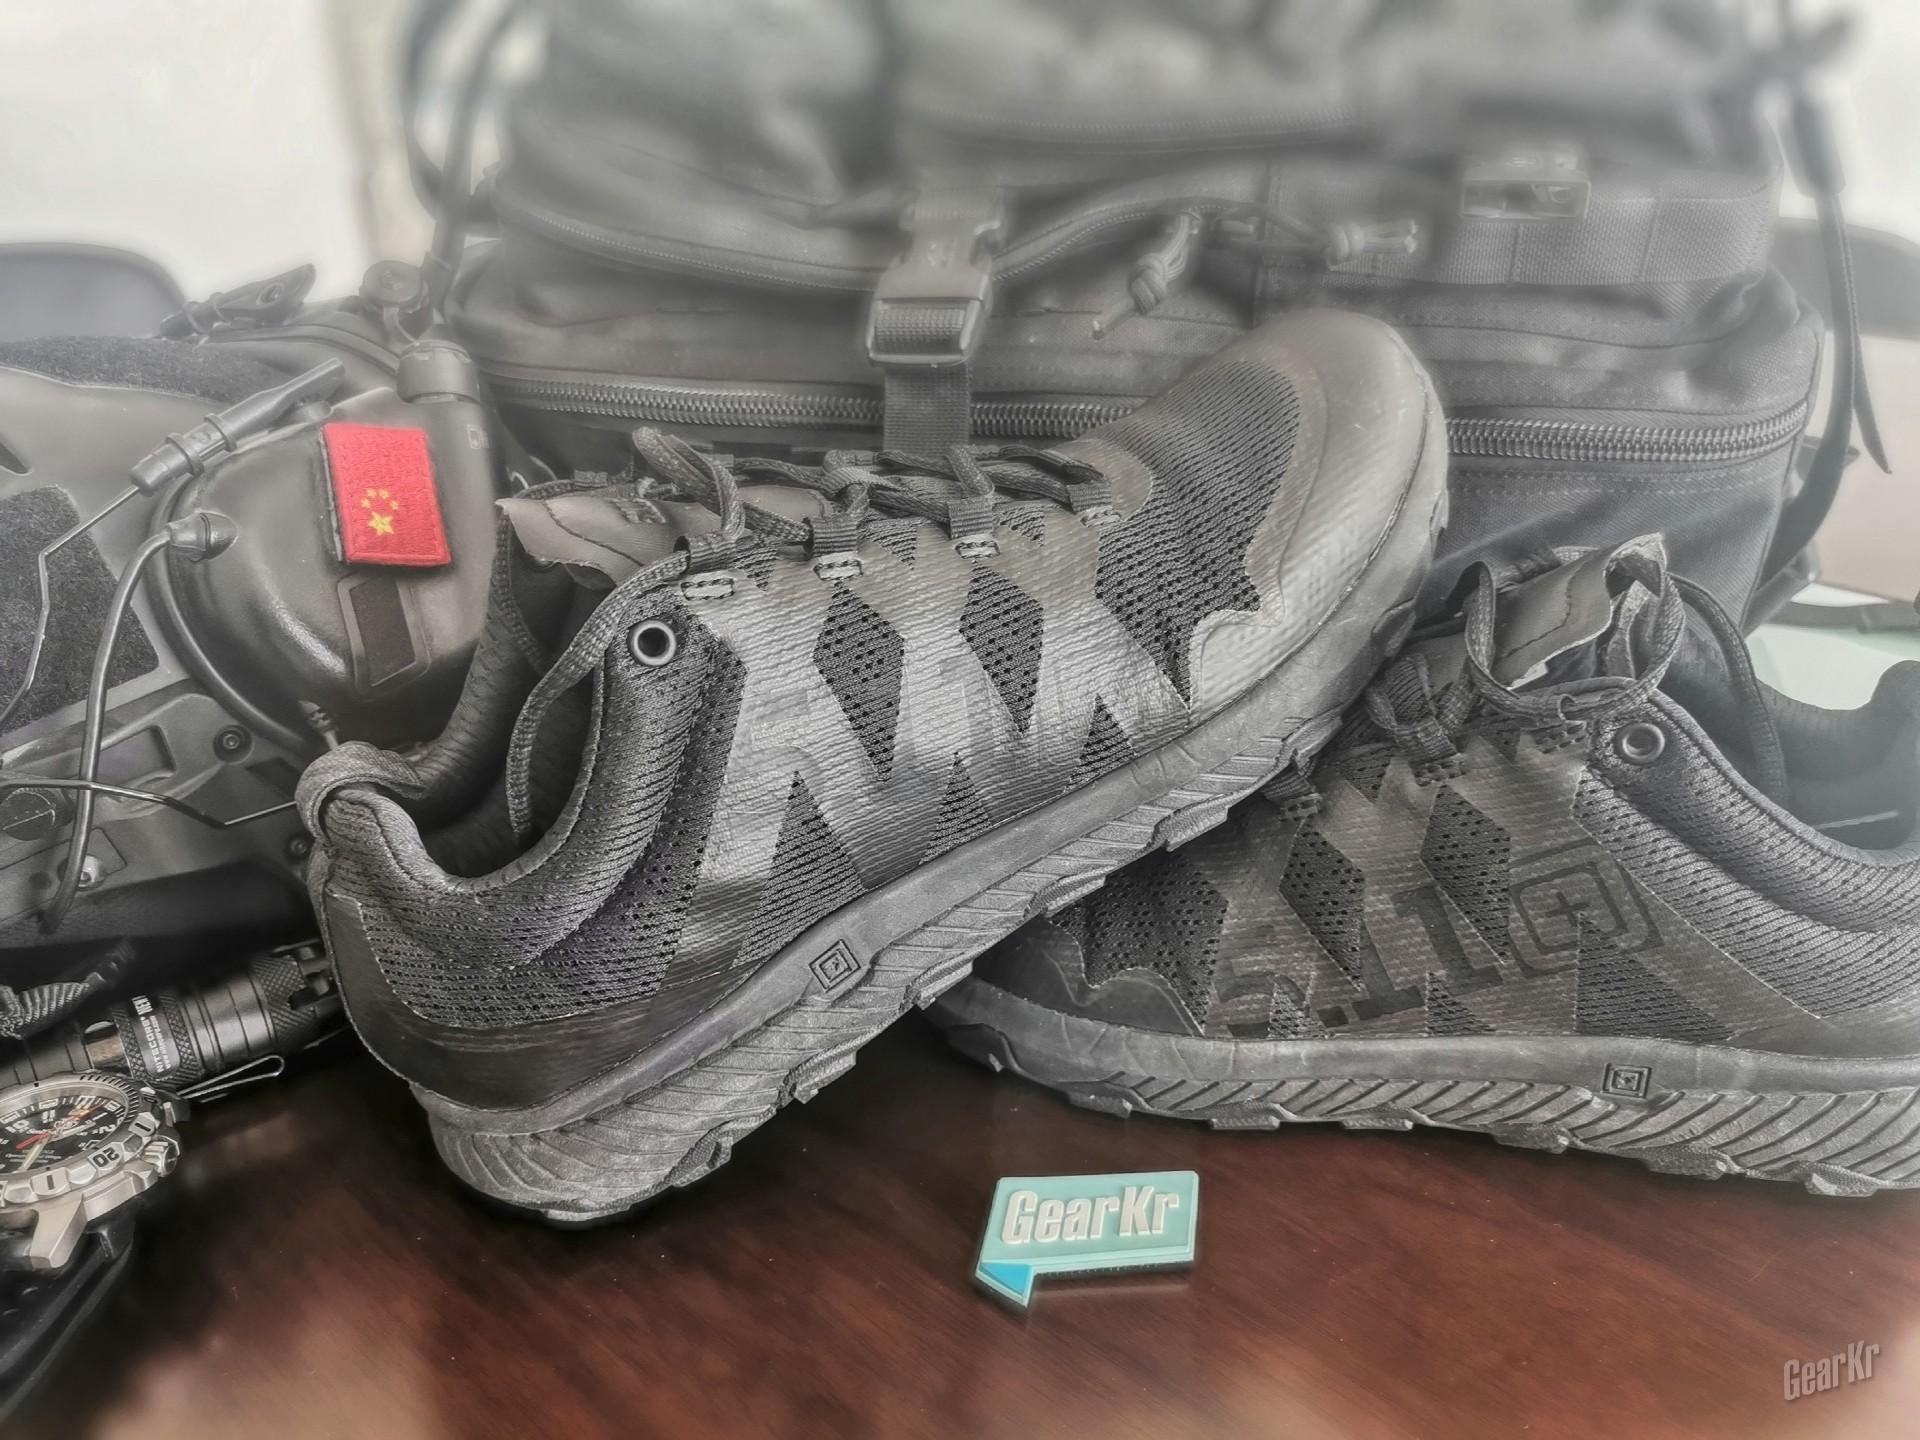 柔中带刚——5.11 A.T.L.A.S鞋靴系列12429低帮全地形训练鞋测评